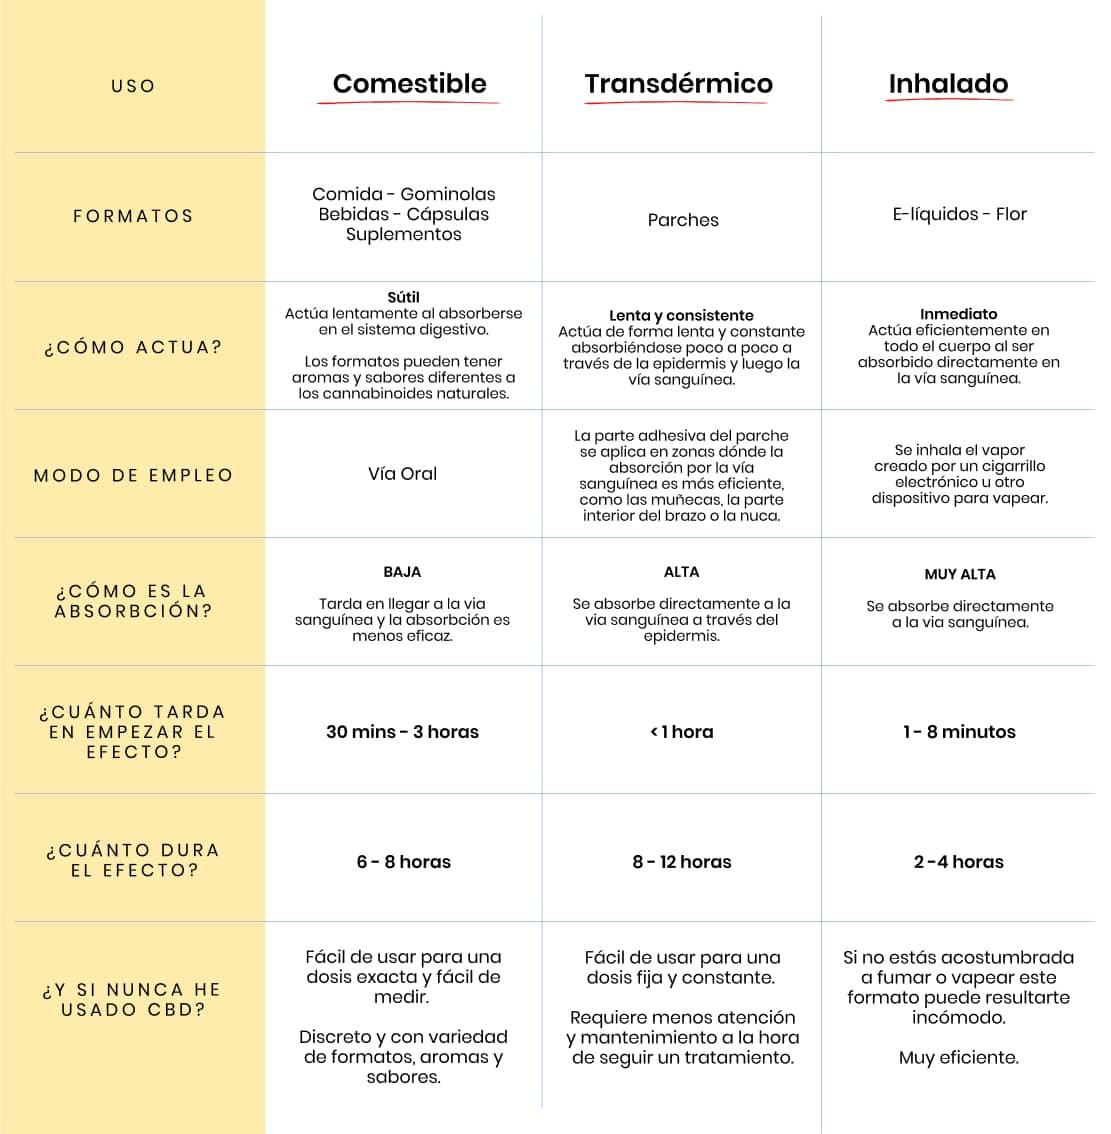 GRAFICO: Formas de usar CBD - Comestible v. Transdermico v. Inhalado